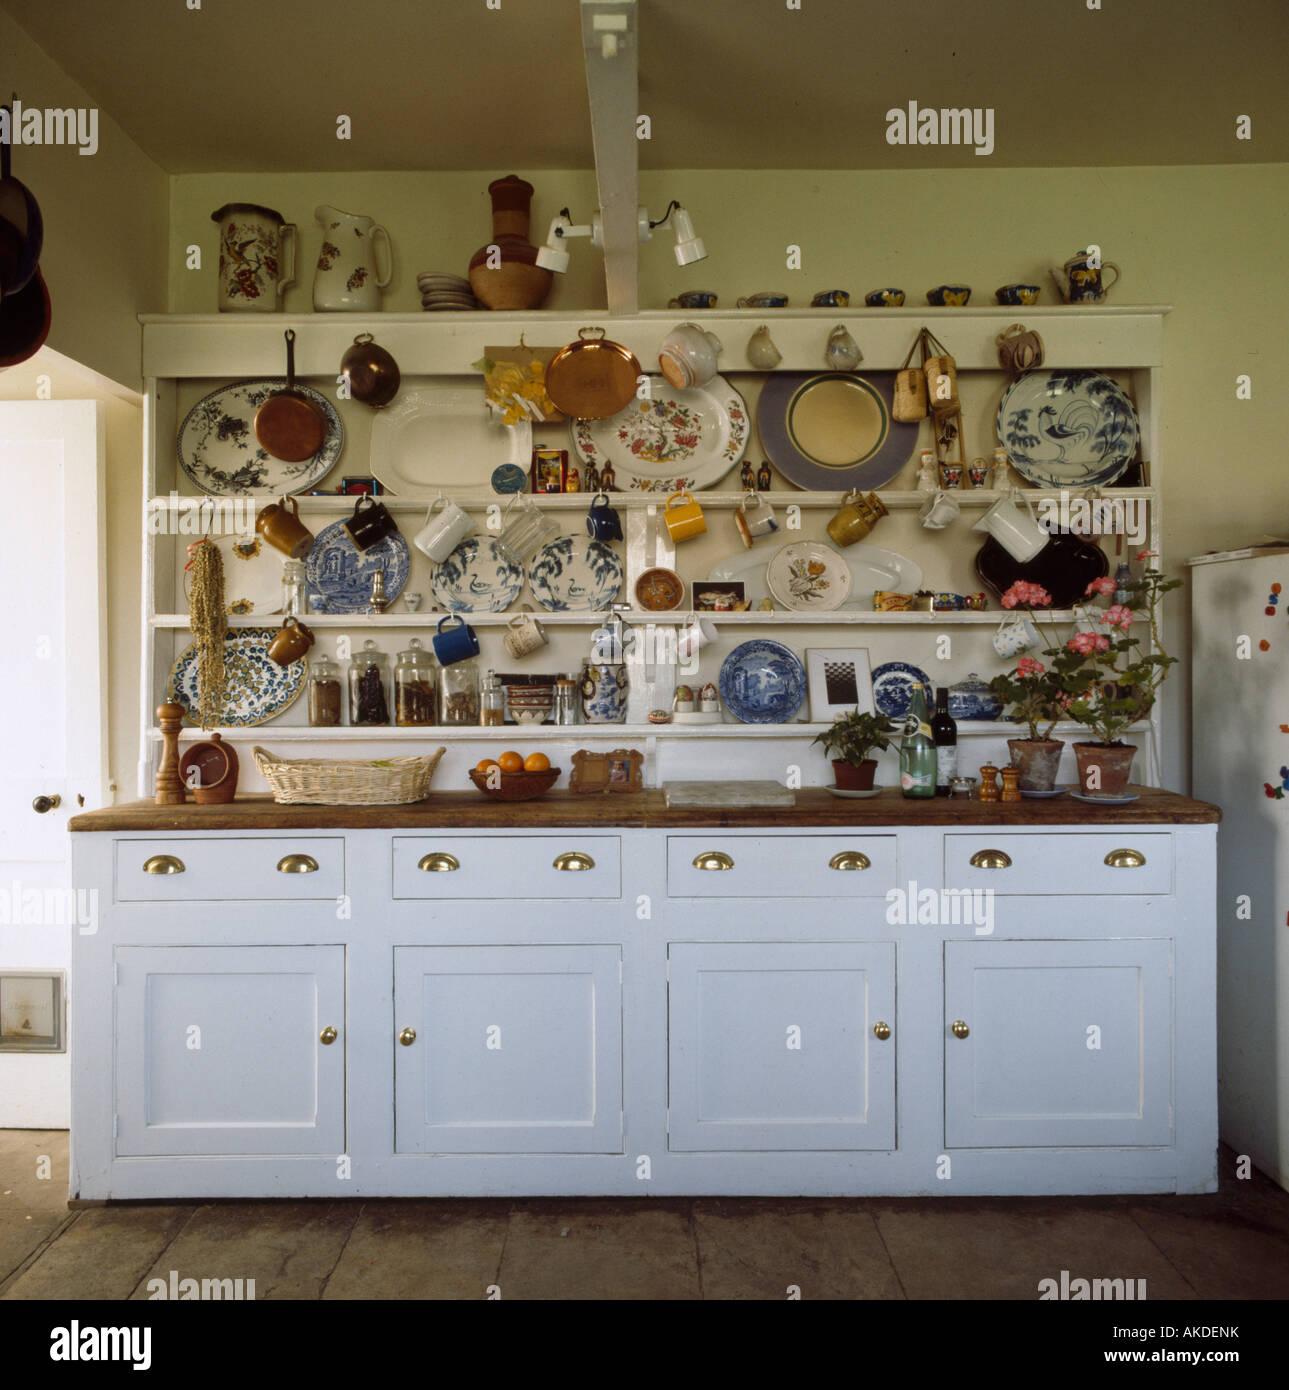 Faszinierend Landhausküche Weiß Ideen Von Geschirr Und Teller Auf Große Weiß Lackierte